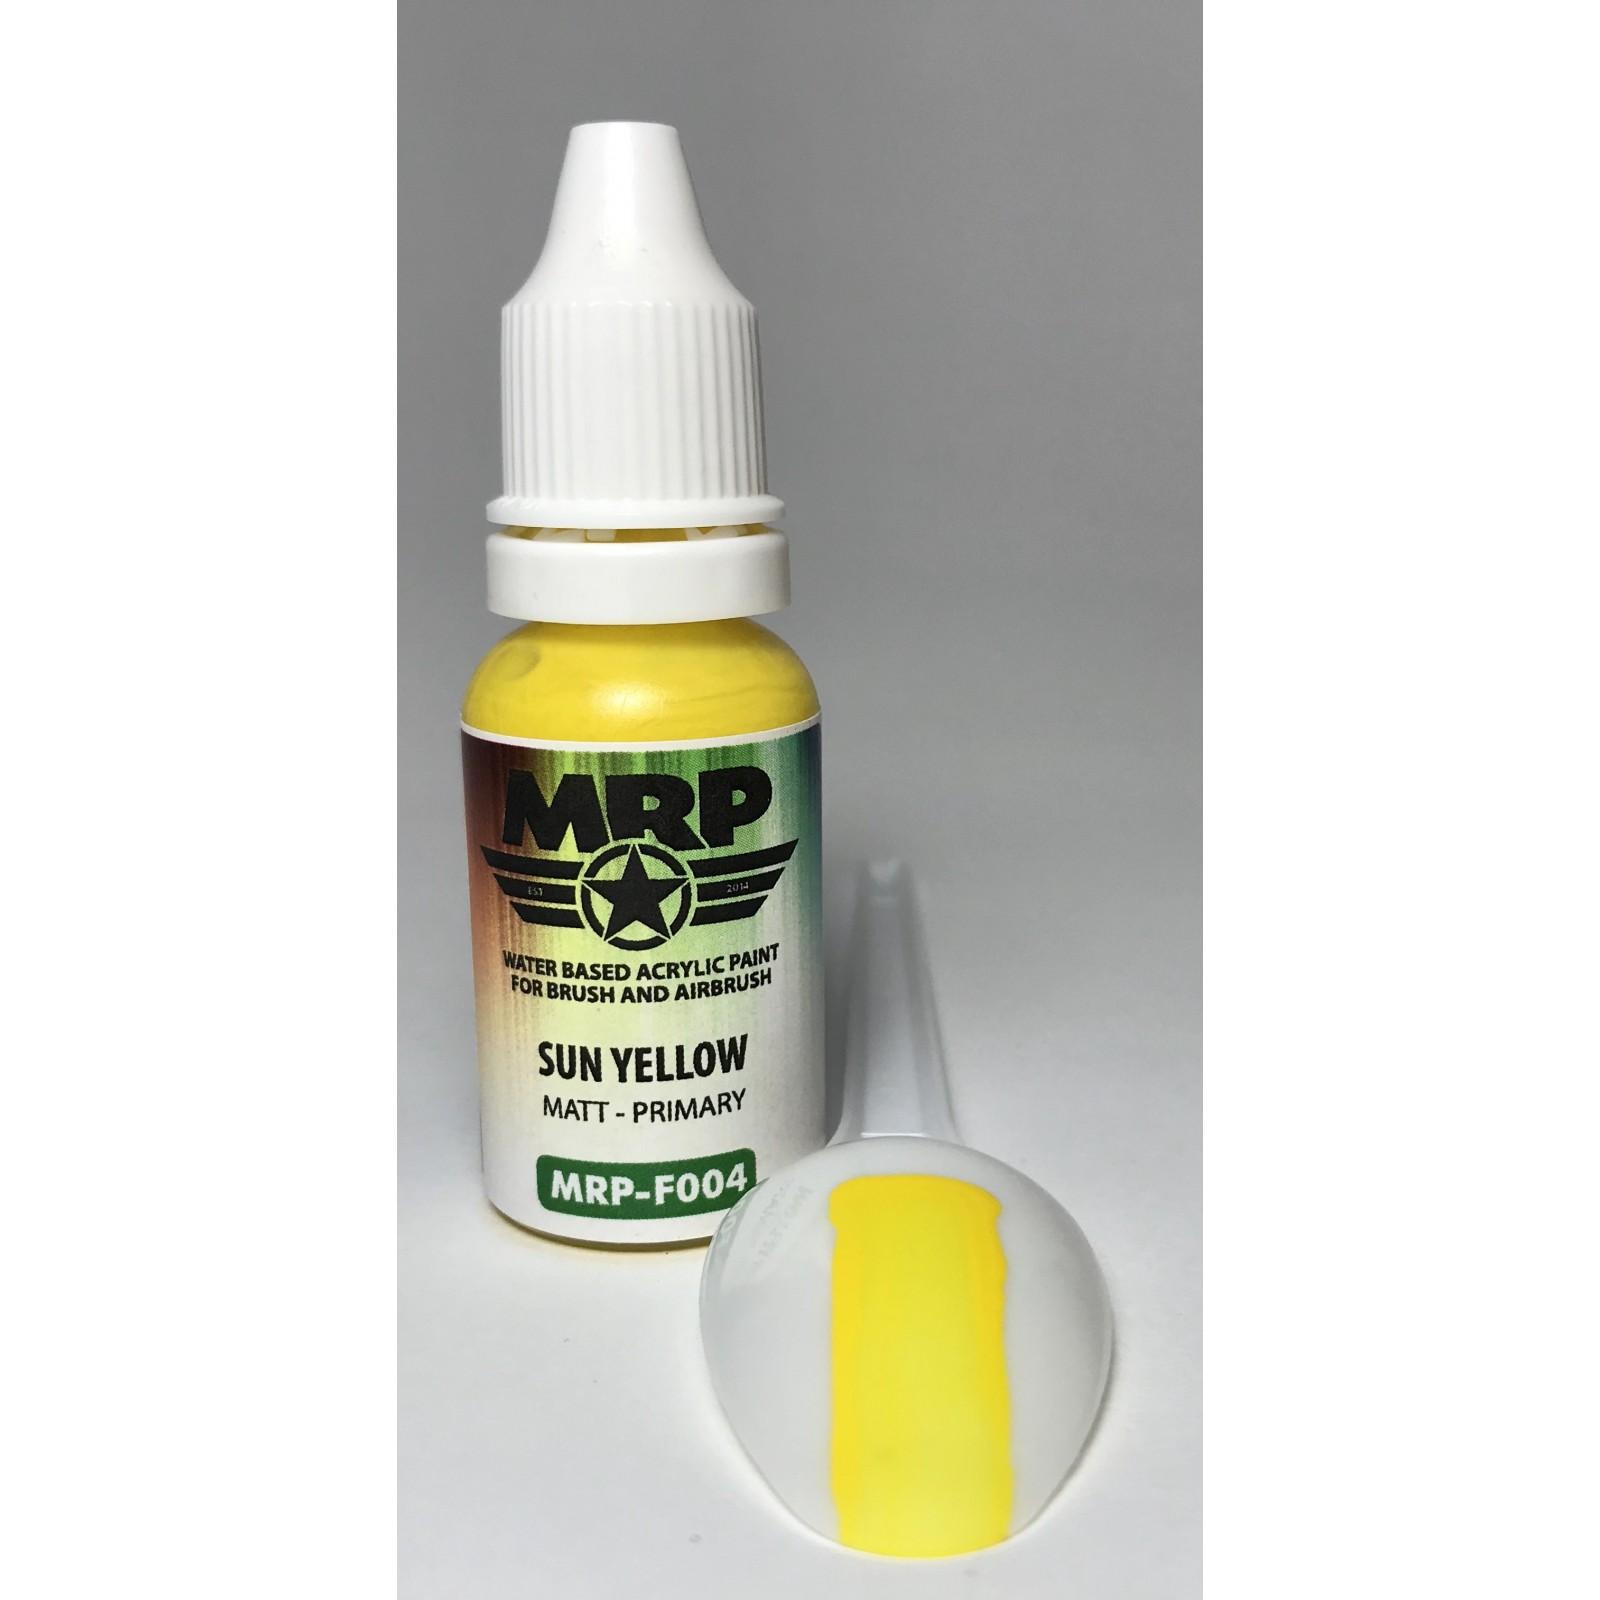 MRP-F04 Sun Yellow